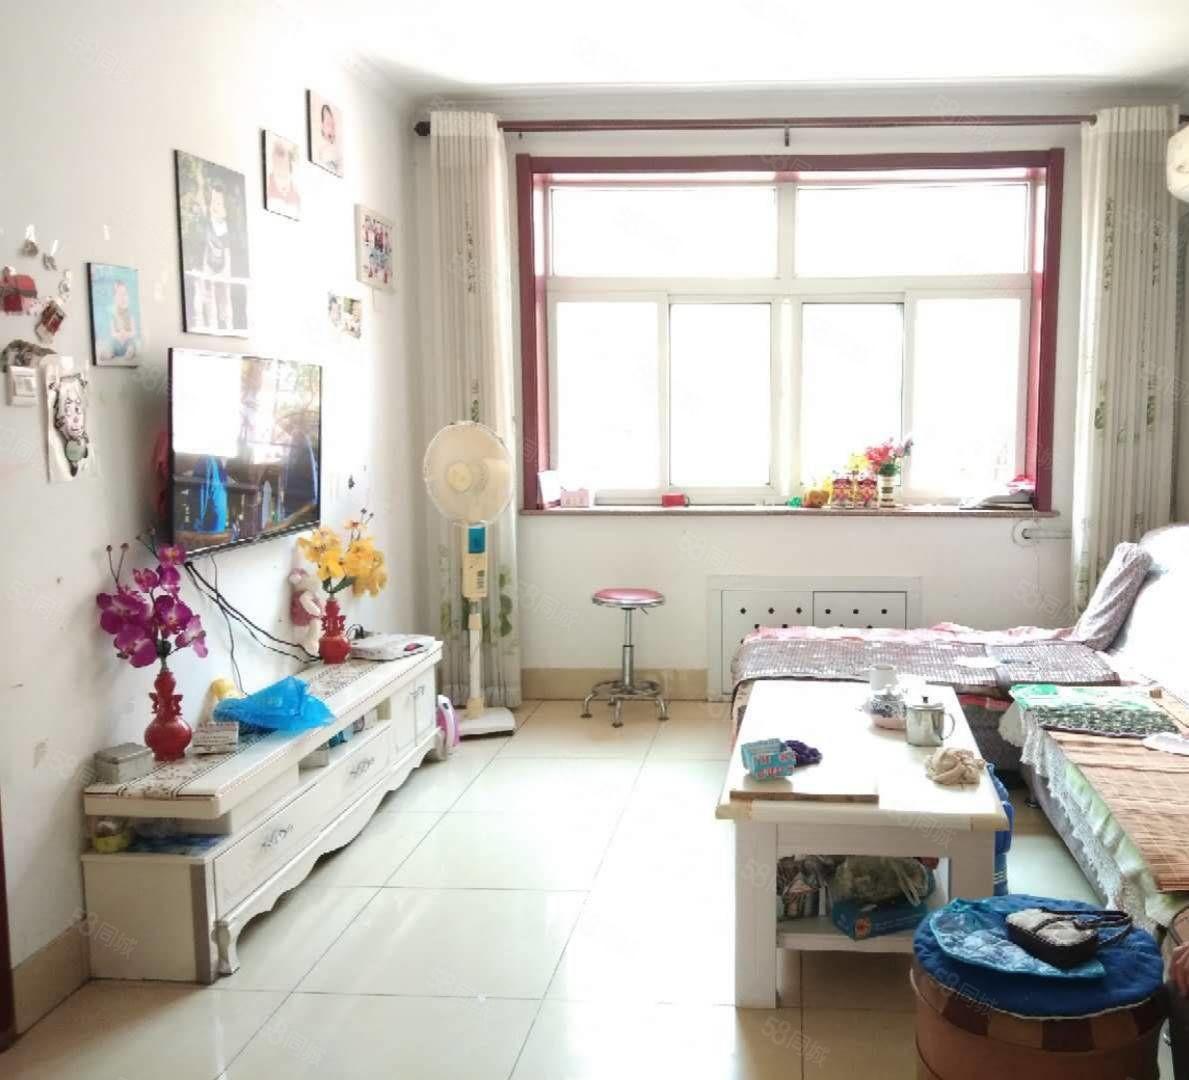 東方家園一樓一樓兩居室帶儲藏室圖片真實可貸款